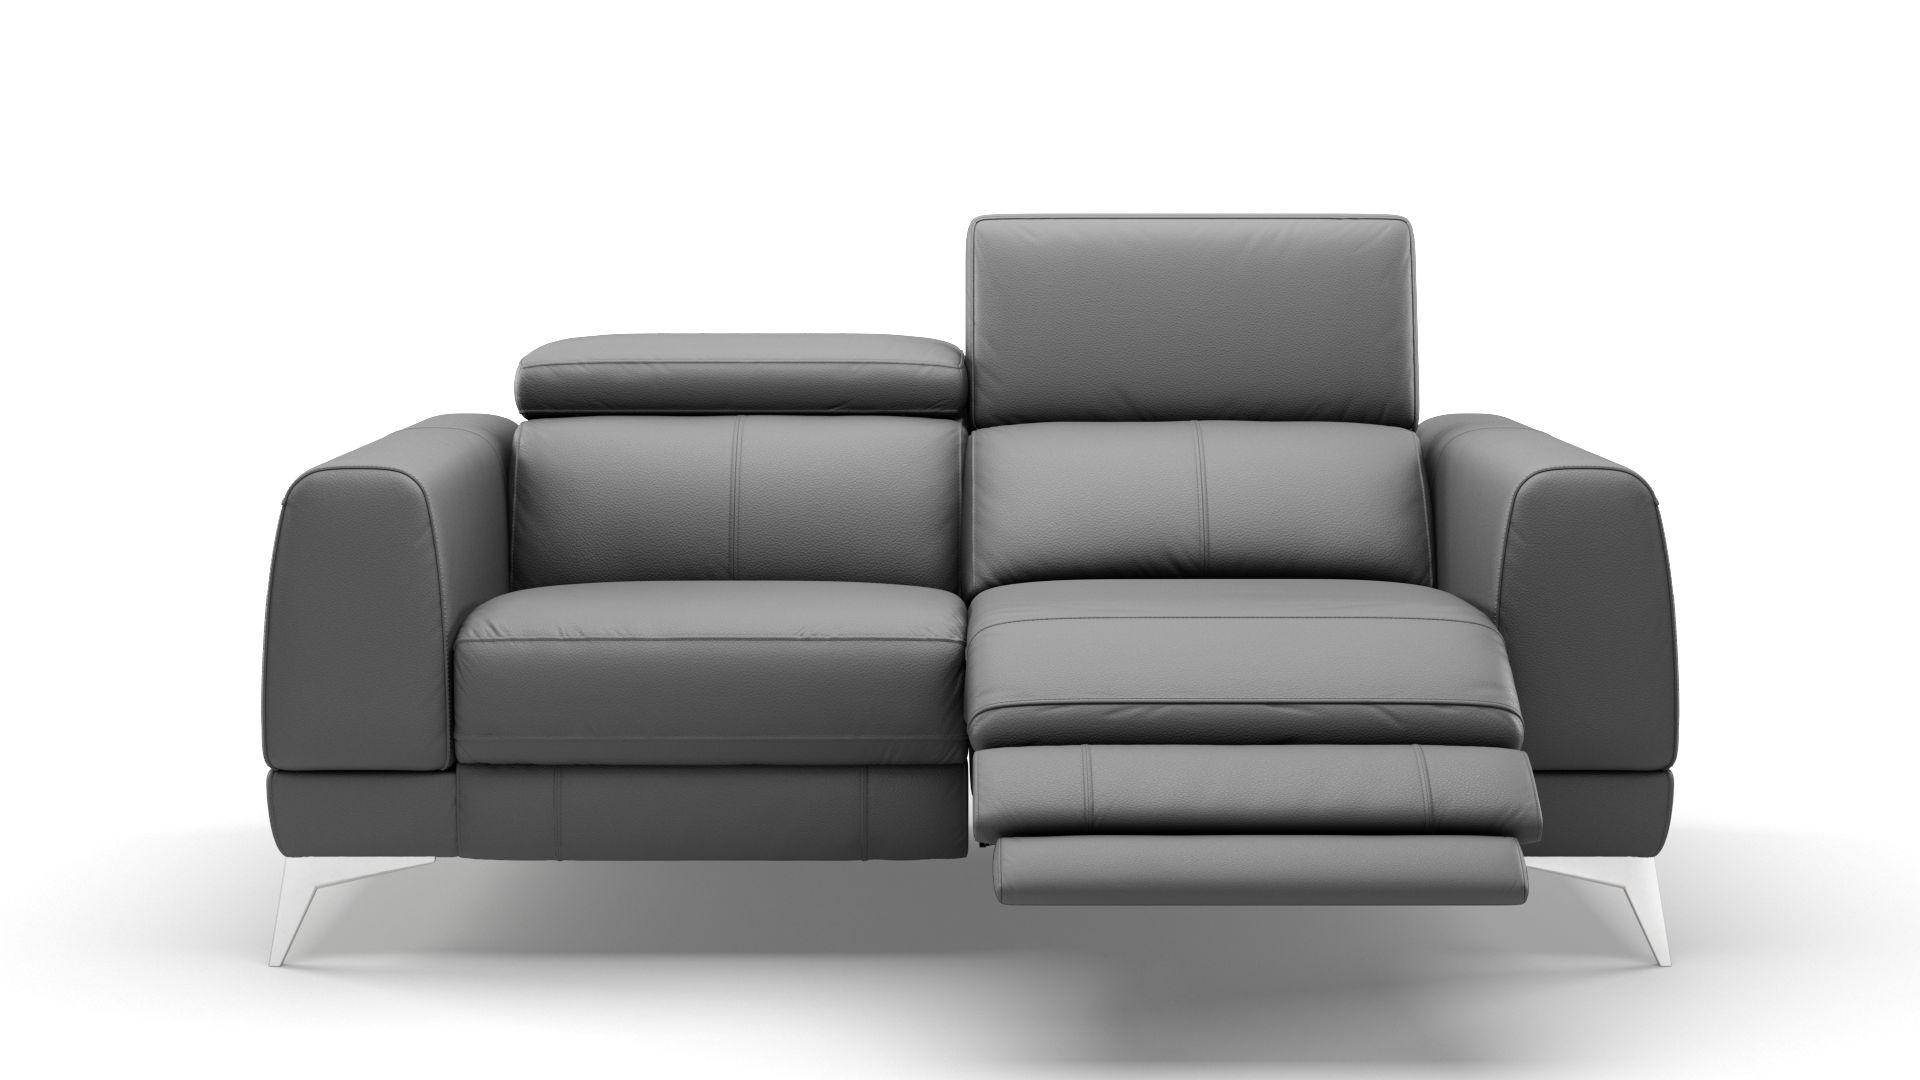 Full Size of 2 Sitzer Sofa Mit Relaxfunktion Designer Couch Marino Sofanella Bezug Ecksofa Badewanne Dusche Zweisitzer Bett Unterbett Led Ikea Schlaffunktion 2m X L Küche Sofa 2 Sitzer Sofa Mit Relaxfunktion